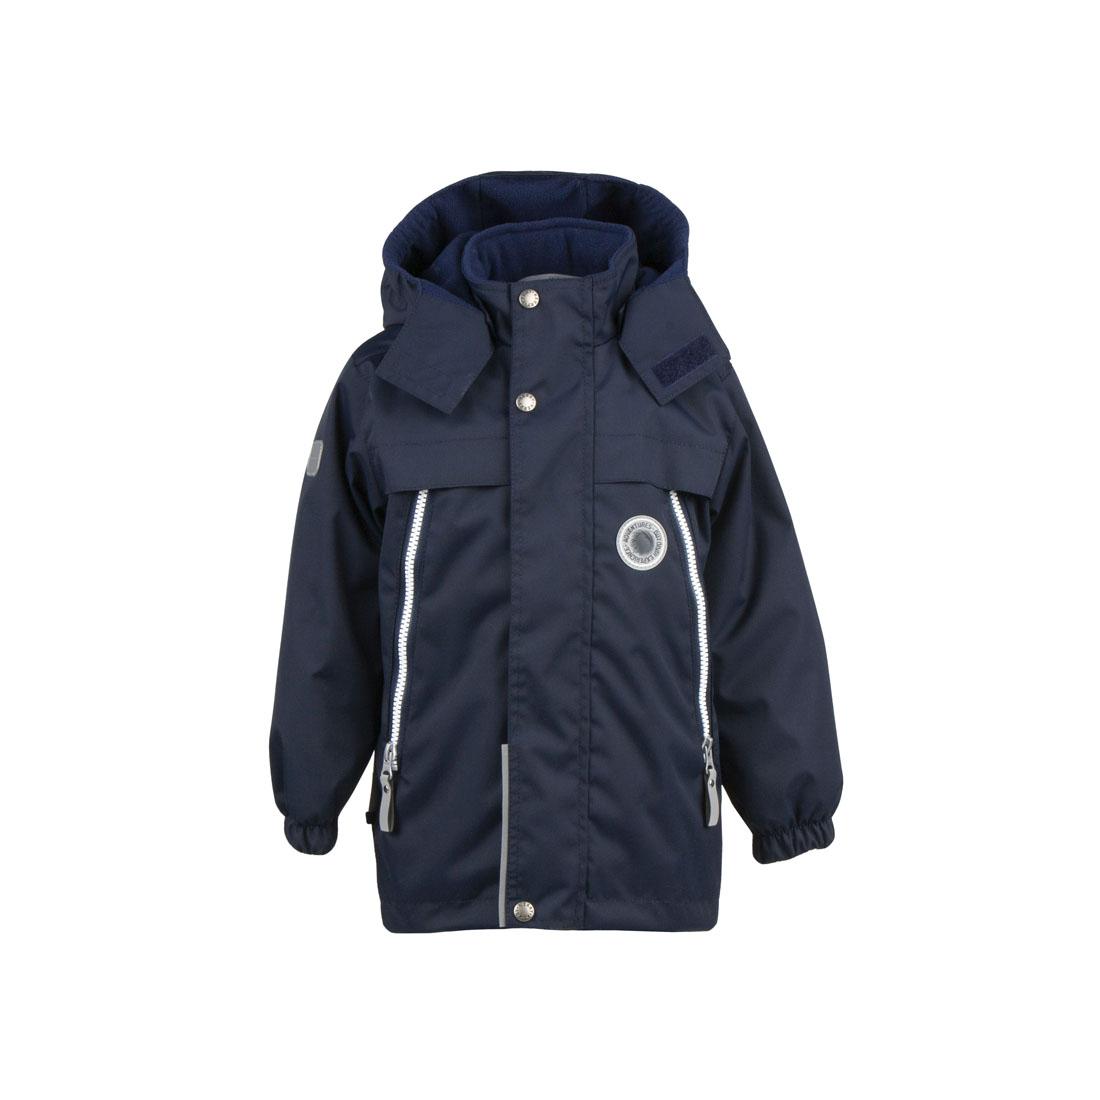 Купить Куртка для мальчиков KERRY KEVIN K20024, размер 104,